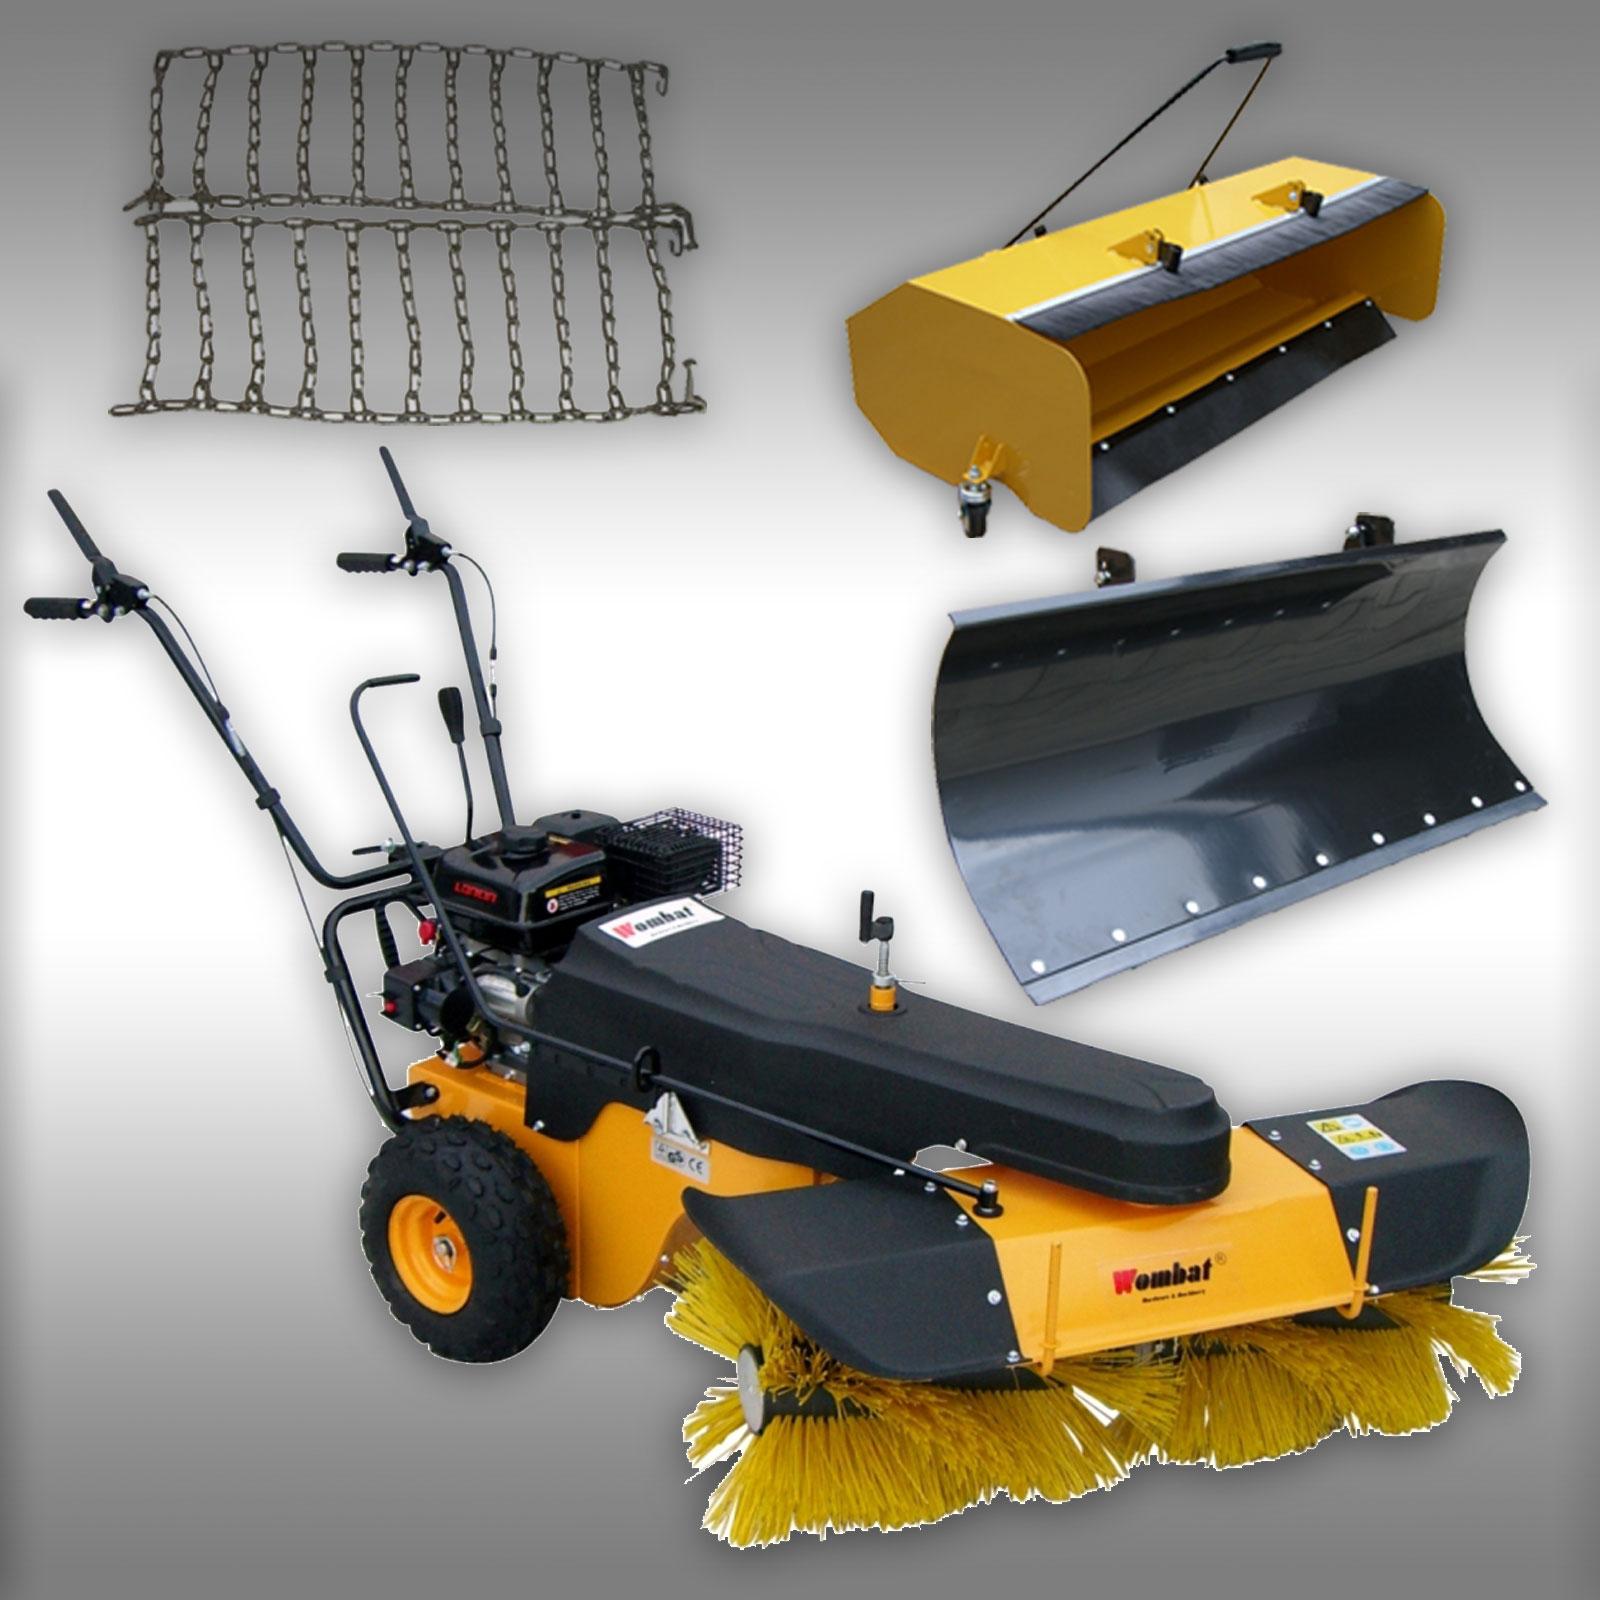 kehrmaschine mkb 100 1 m 6 5 ps benzinmotor motorbesen mit radantrieb set 3 ebay. Black Bedroom Furniture Sets. Home Design Ideas